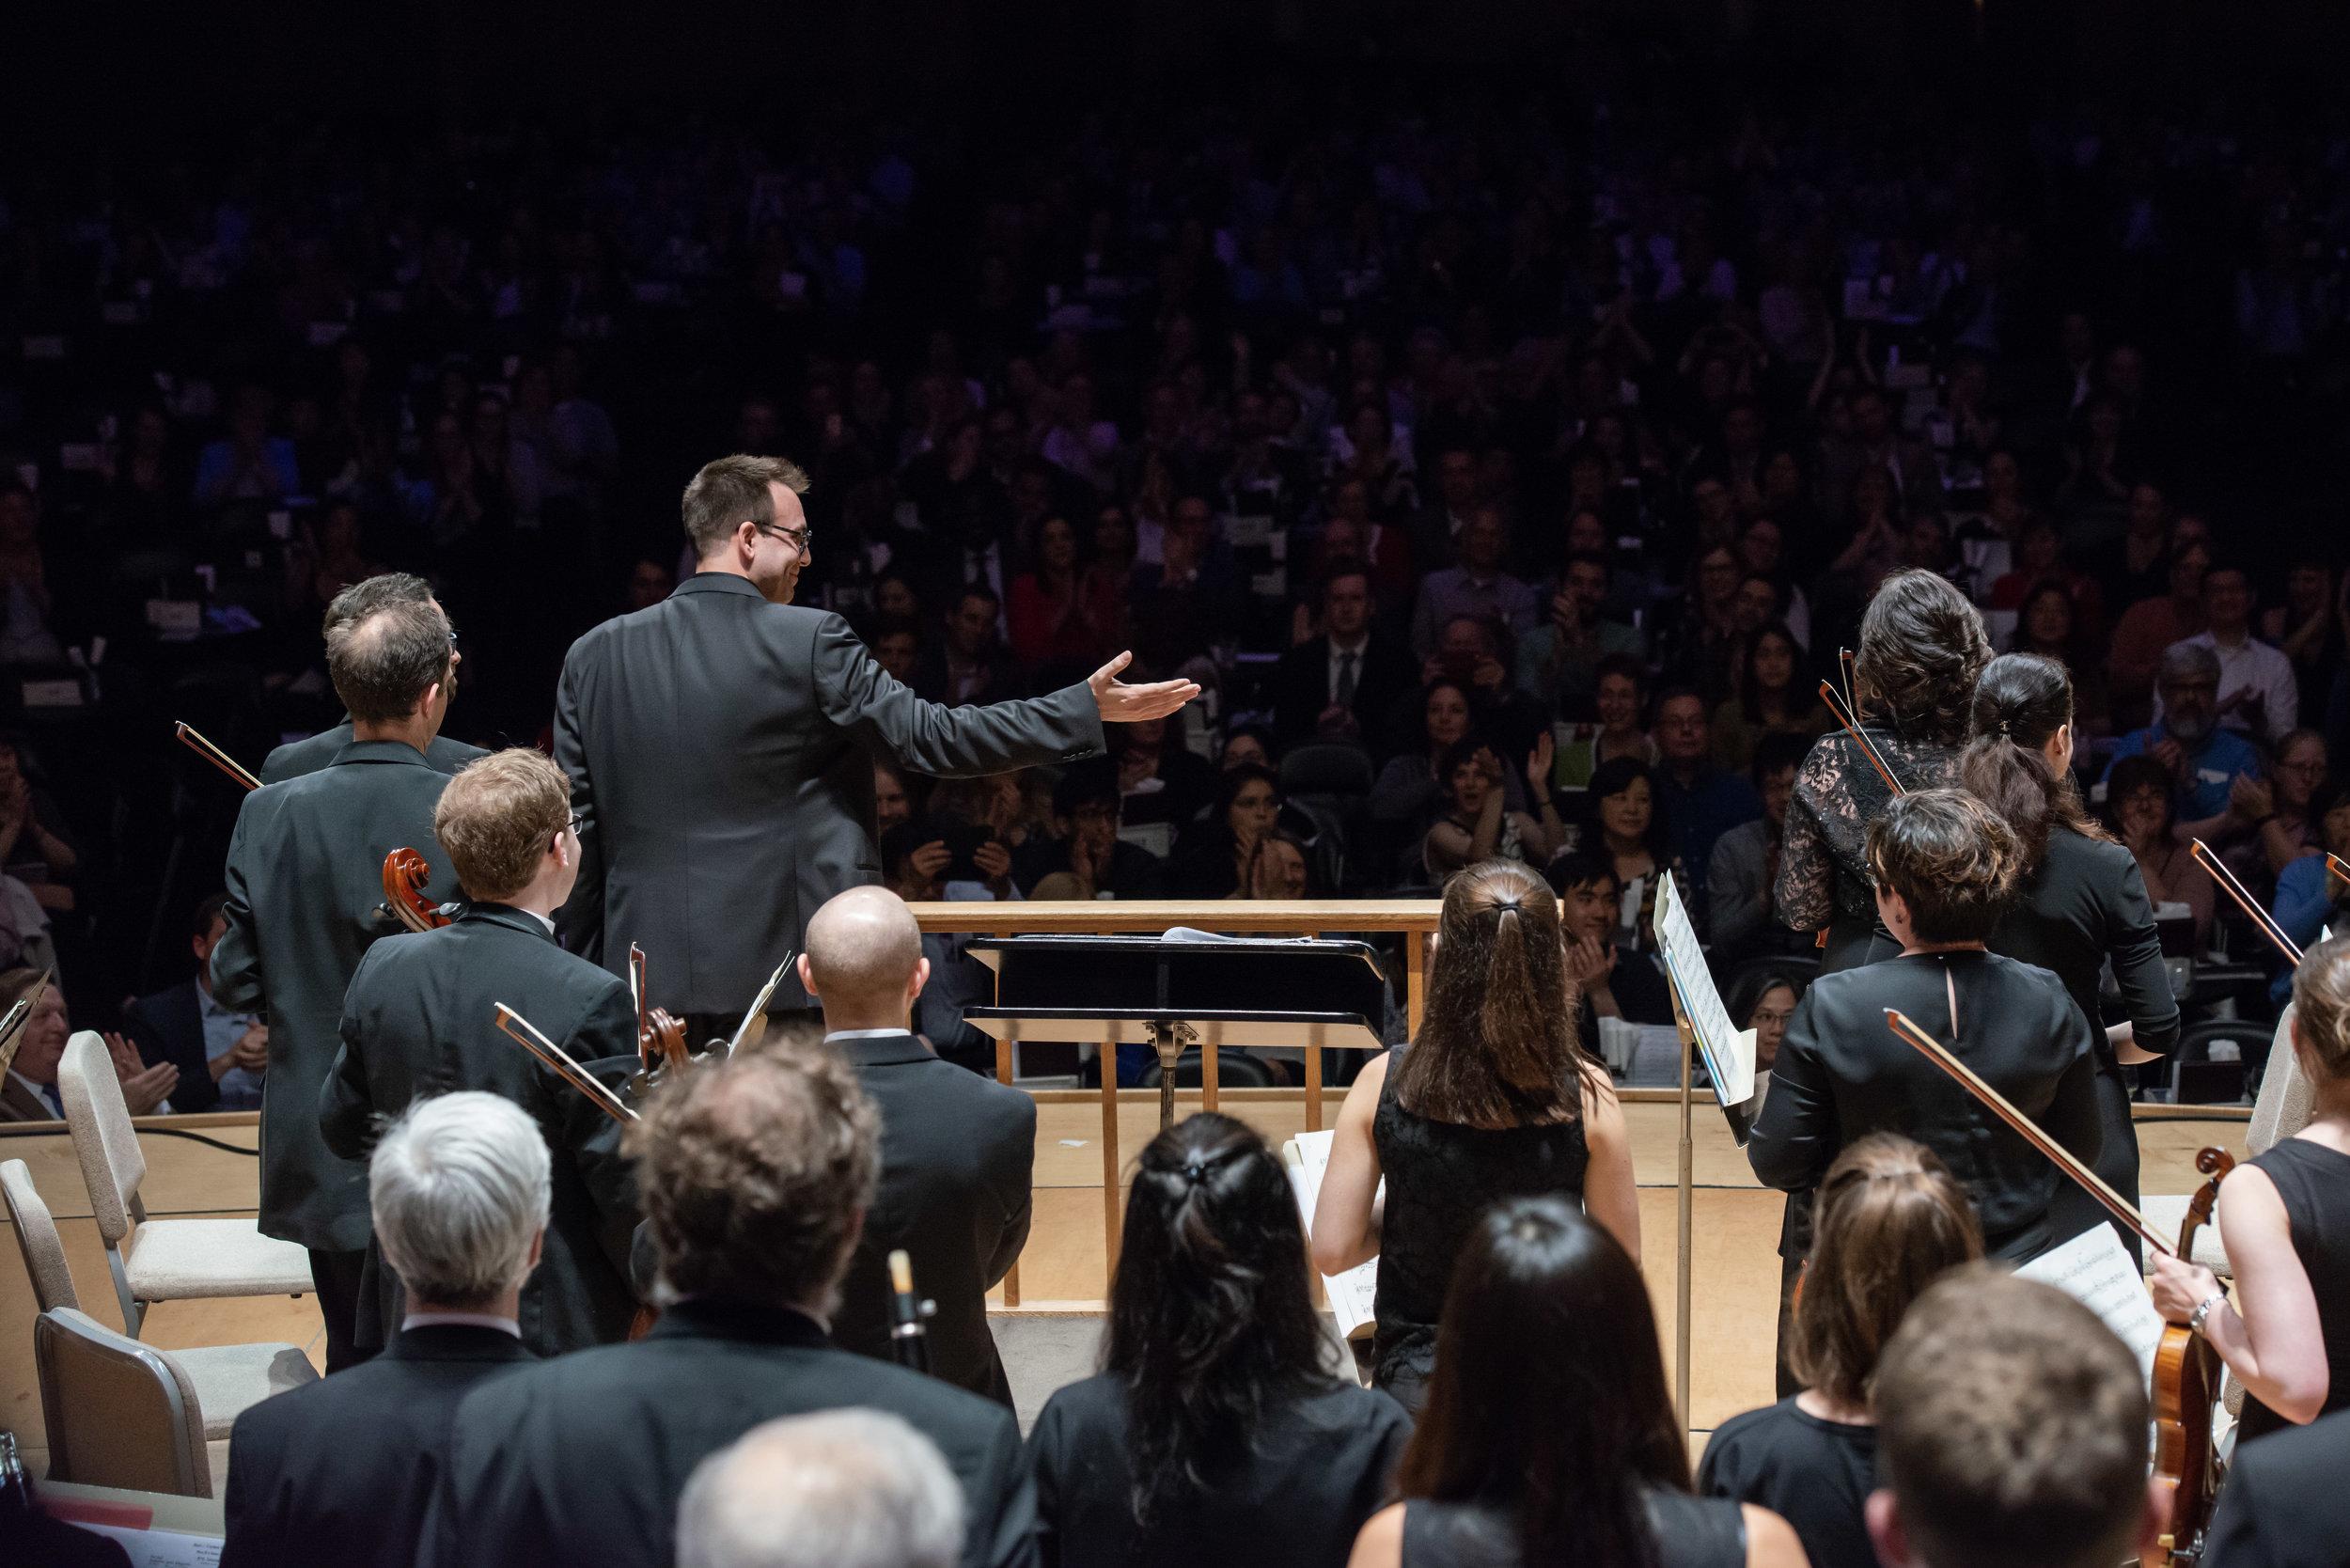 SymphonyForScience-Concert_DSC7244.jpg